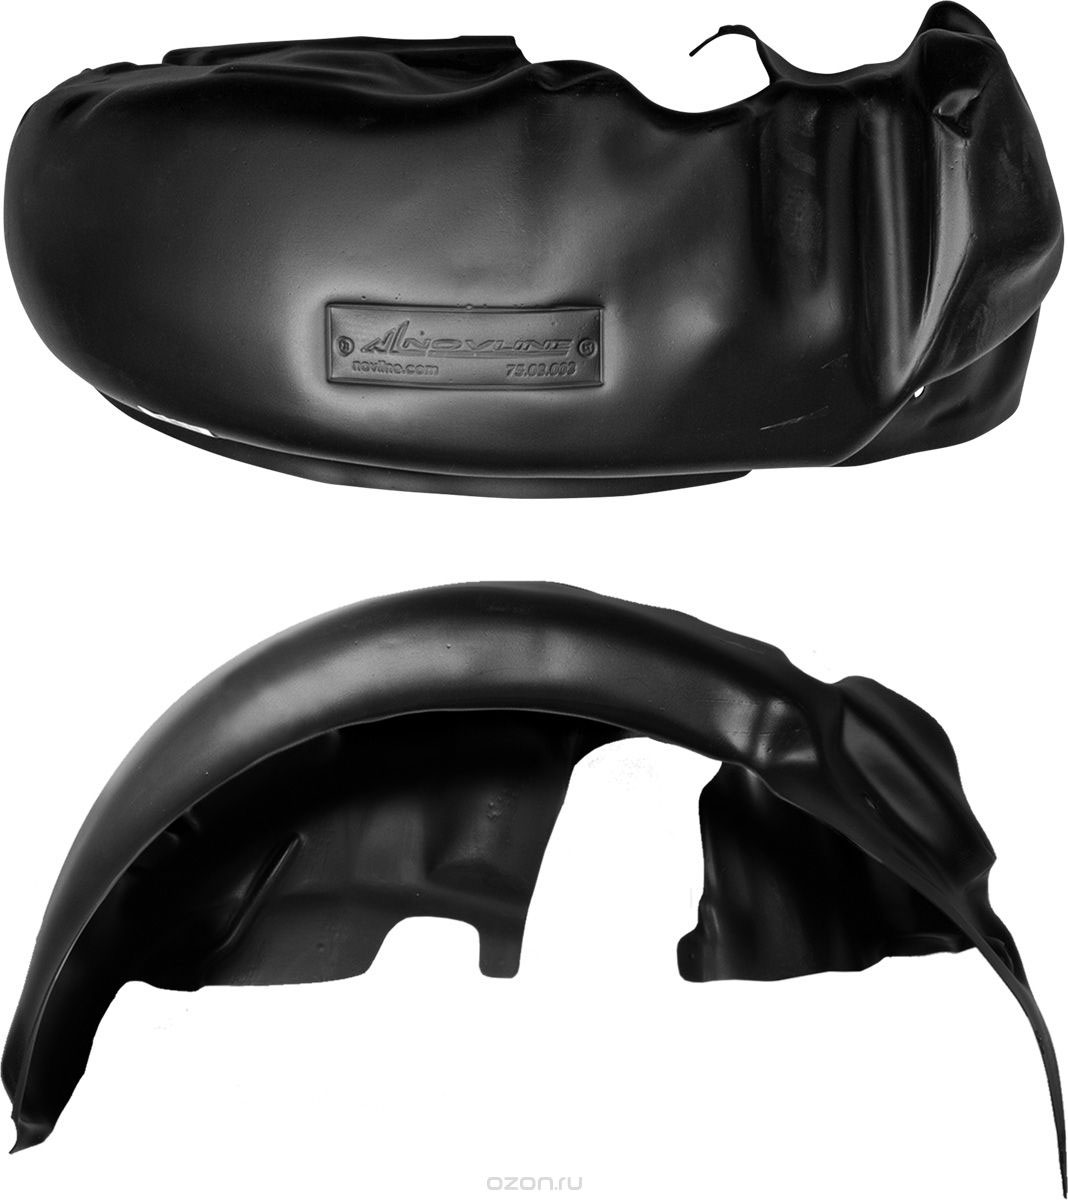 Подкрылок Novline-Autofamily, для NISSAN Sentra, 2014->, передний правыйNLL.36.47.002Идеальная защита колесной ниши. Локеры разработаны с применением цифровых технологий, гарантируют максимальную повторяемость поверхности арки. Изделия устанавливаются без нарушения лакокрасочного покрытия автомобиля, каждый подкрылок комплектуется крепежом. Уважаемые клиенты, обращаем ваше внимание, что фотографии на подкрылки универсальные и не отражают реальную форму изделия. При этом само изделие идет точно под размер указанного автомобиля.